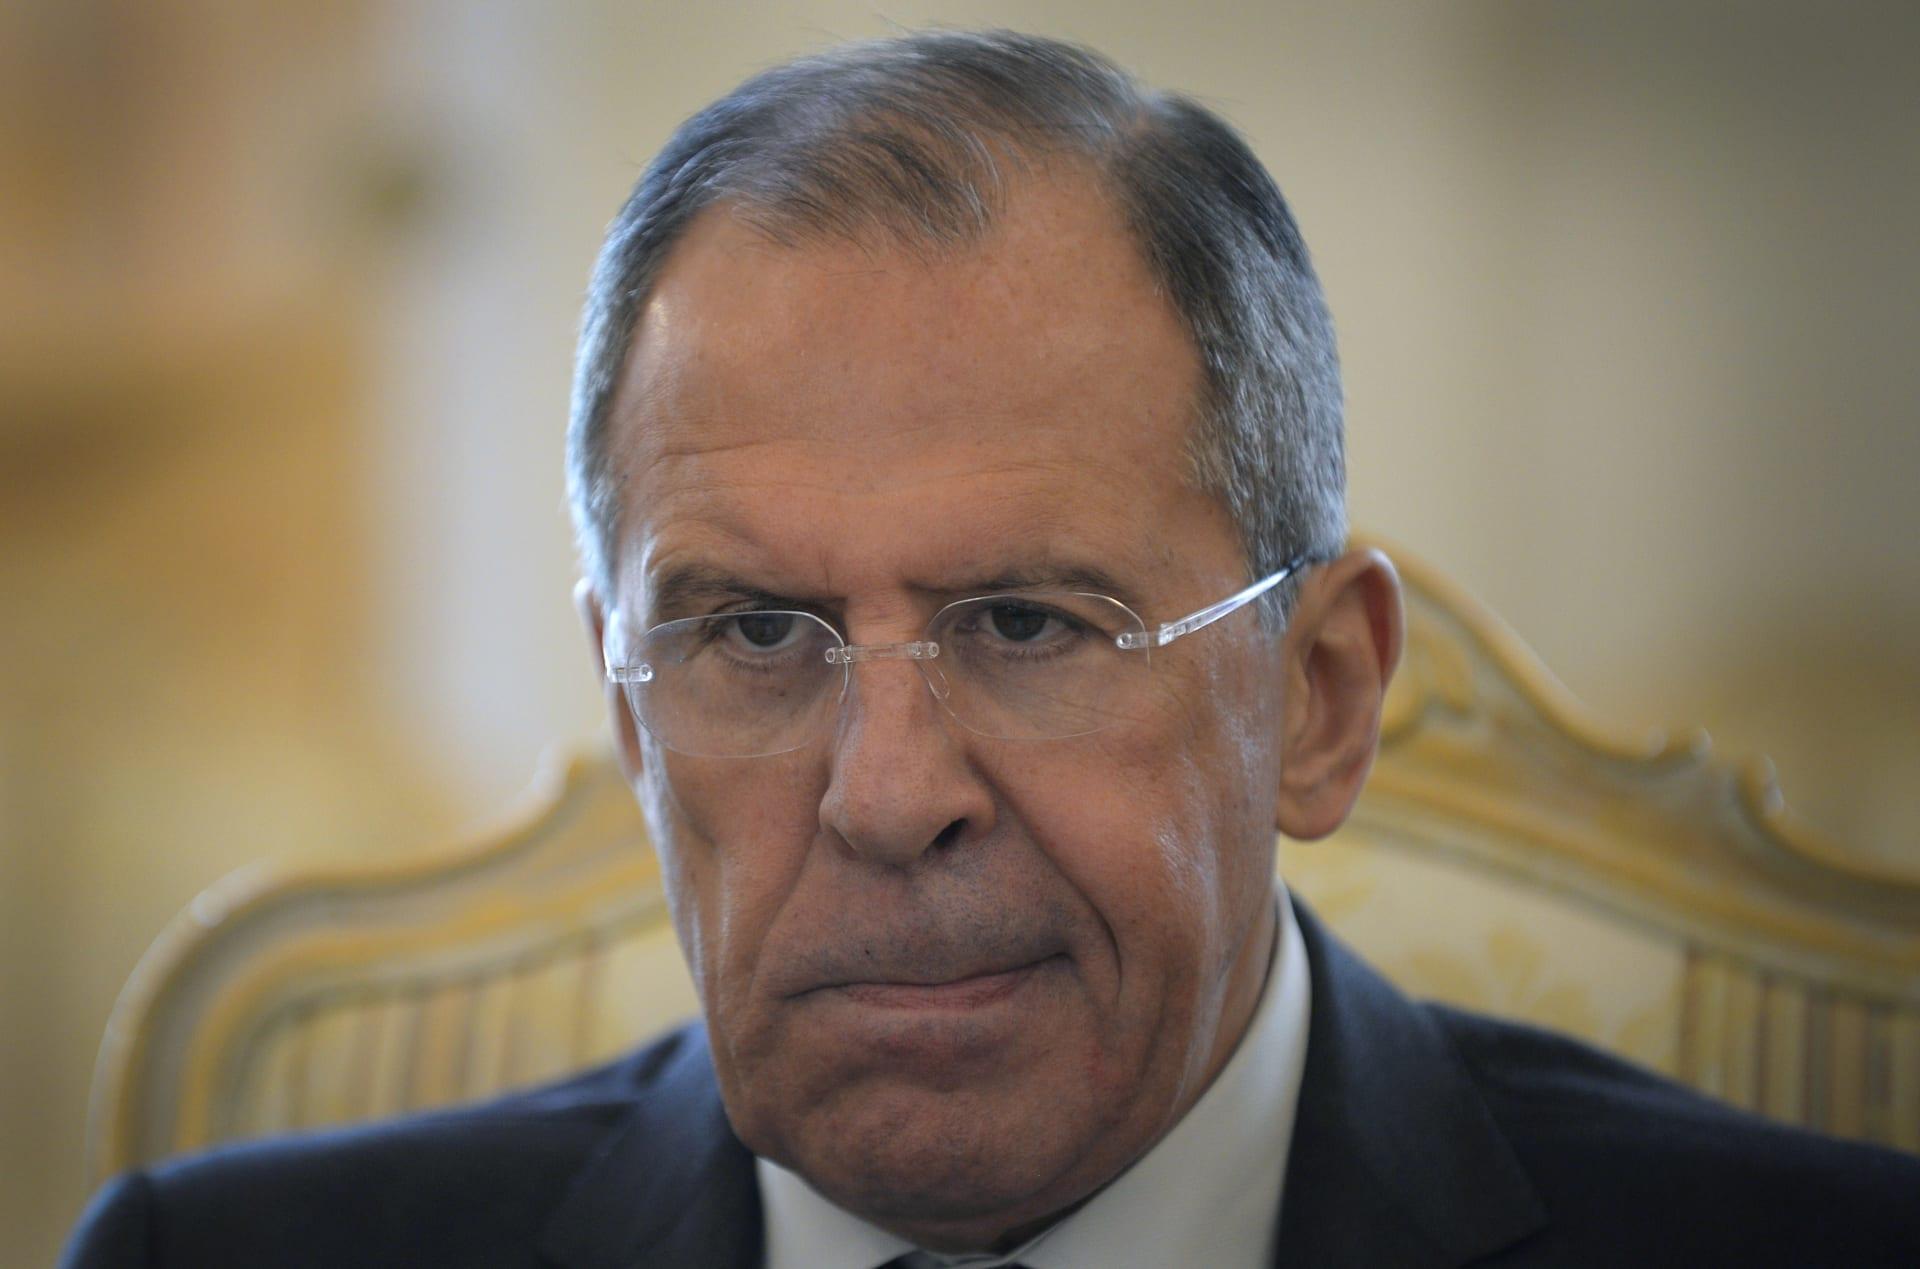 الخارجية الروسية: ندين هجمات داعش في ليبيا.. ويجب بذل جهود دولية عاجلة ومنسقة للقضاء على الإرهاب بالشرق الأوسط